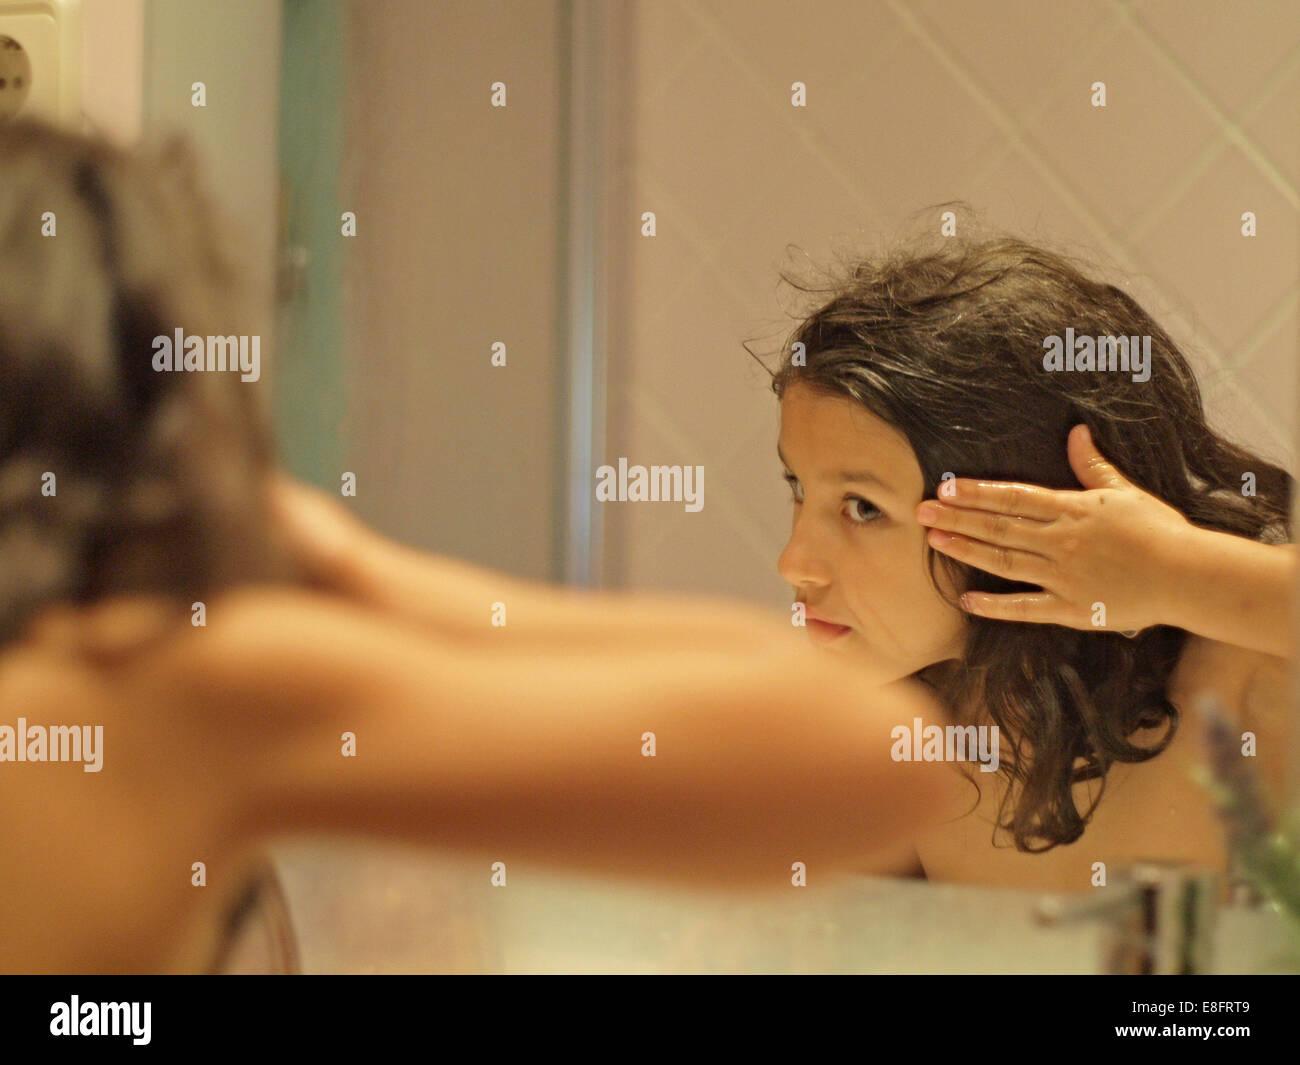 La ragazza con i capelli umidi guardando il riflesso dello specchio Immagini Stock